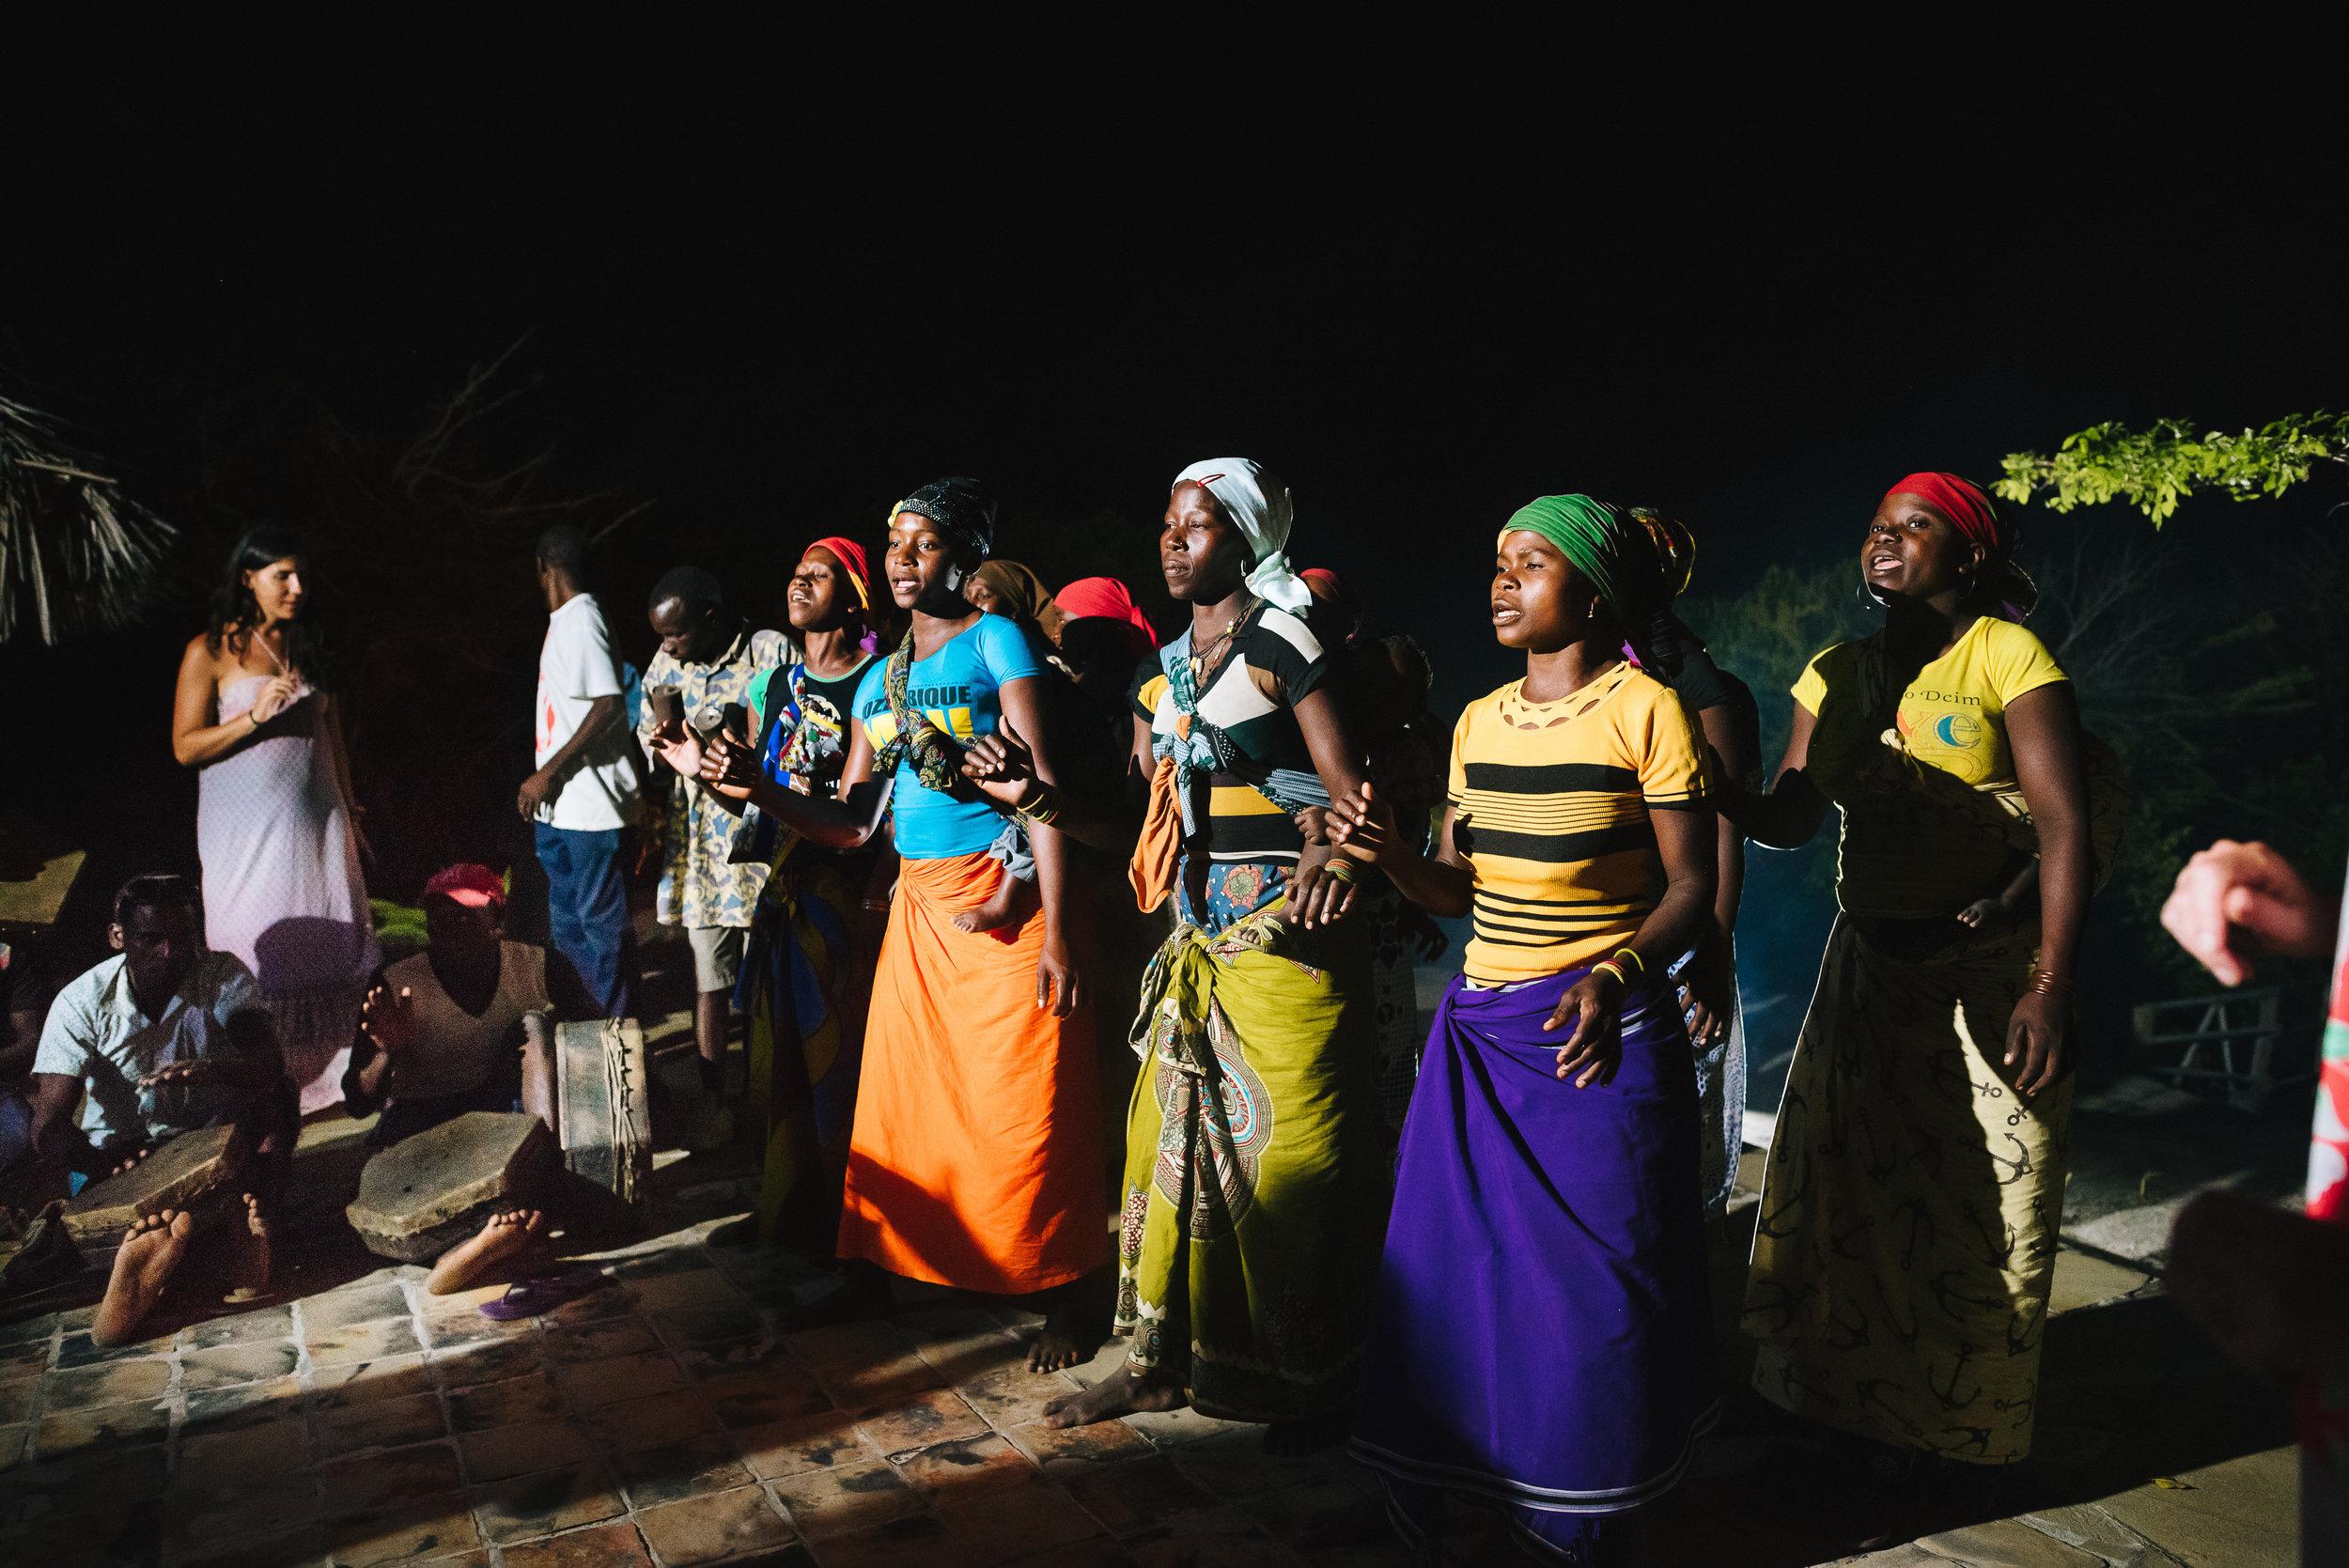 alex-miller-photography-joss-alex-mozambique-412.jpg